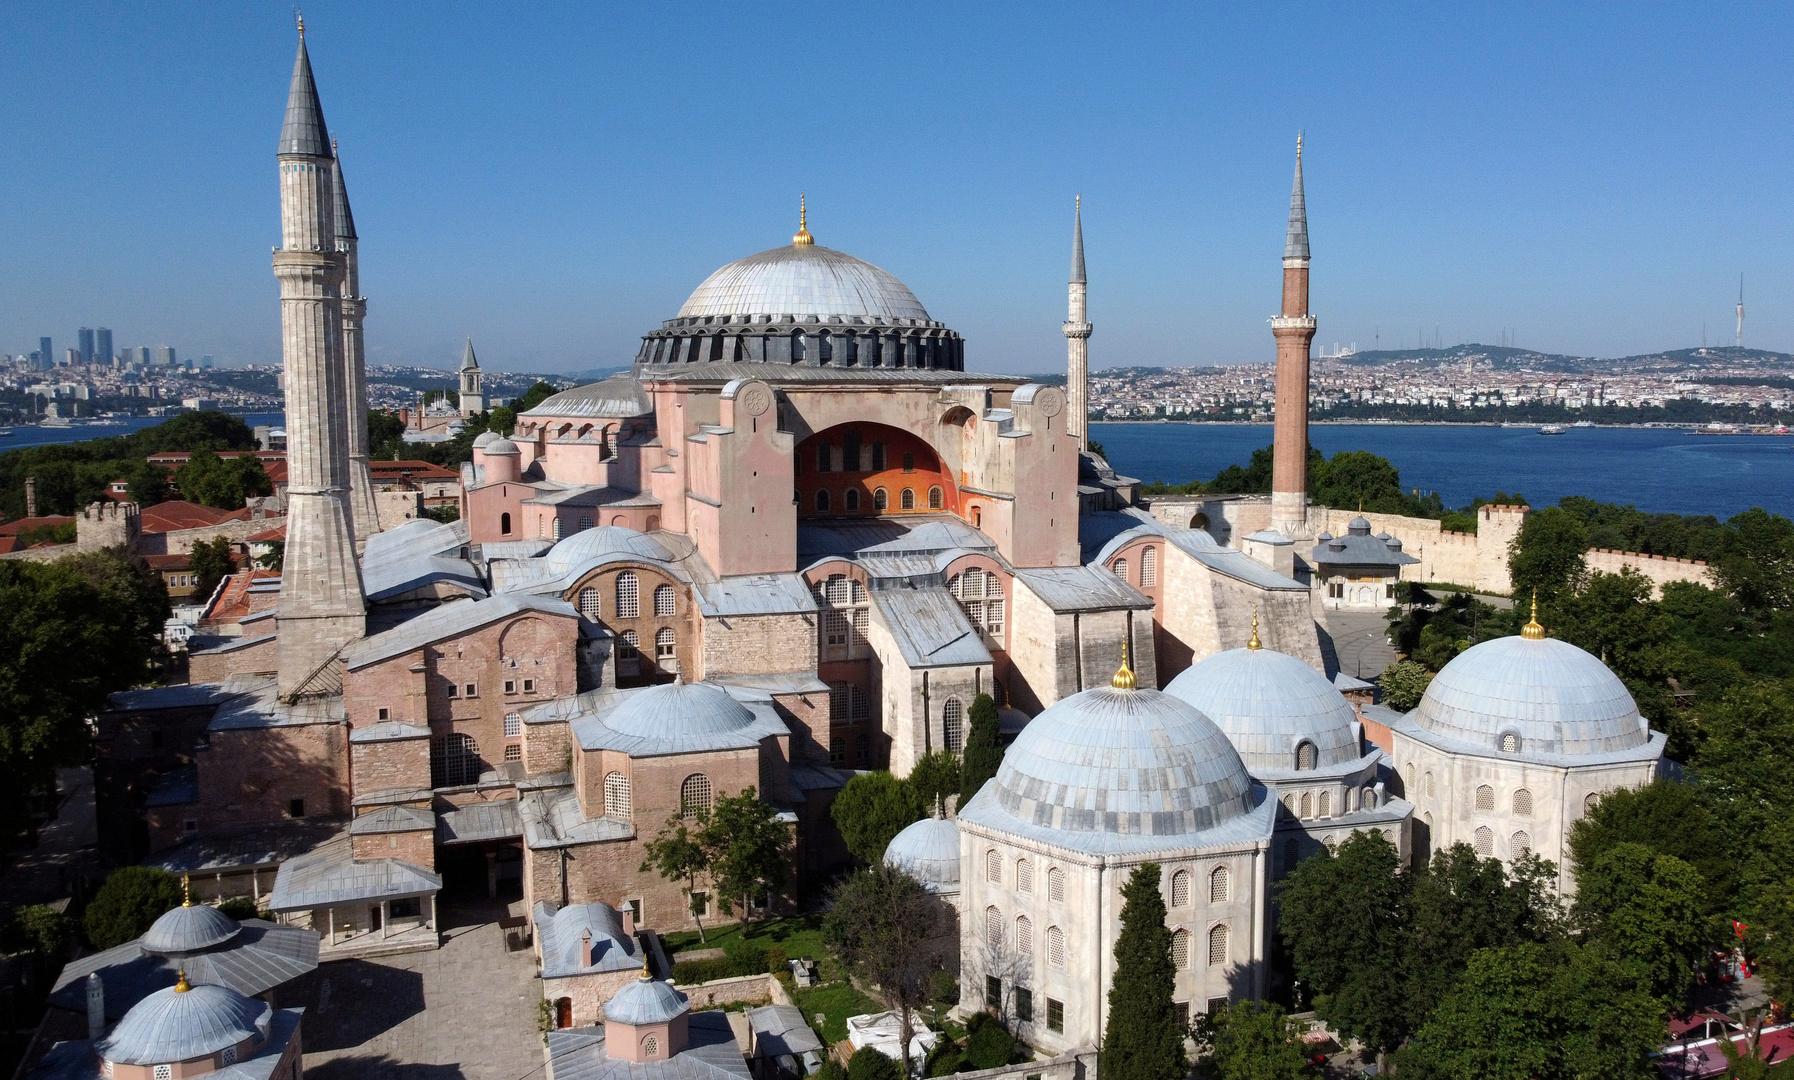 رئيس قبرص ينتقد قرار تركيا تحويلمتحف آيا صوفيا